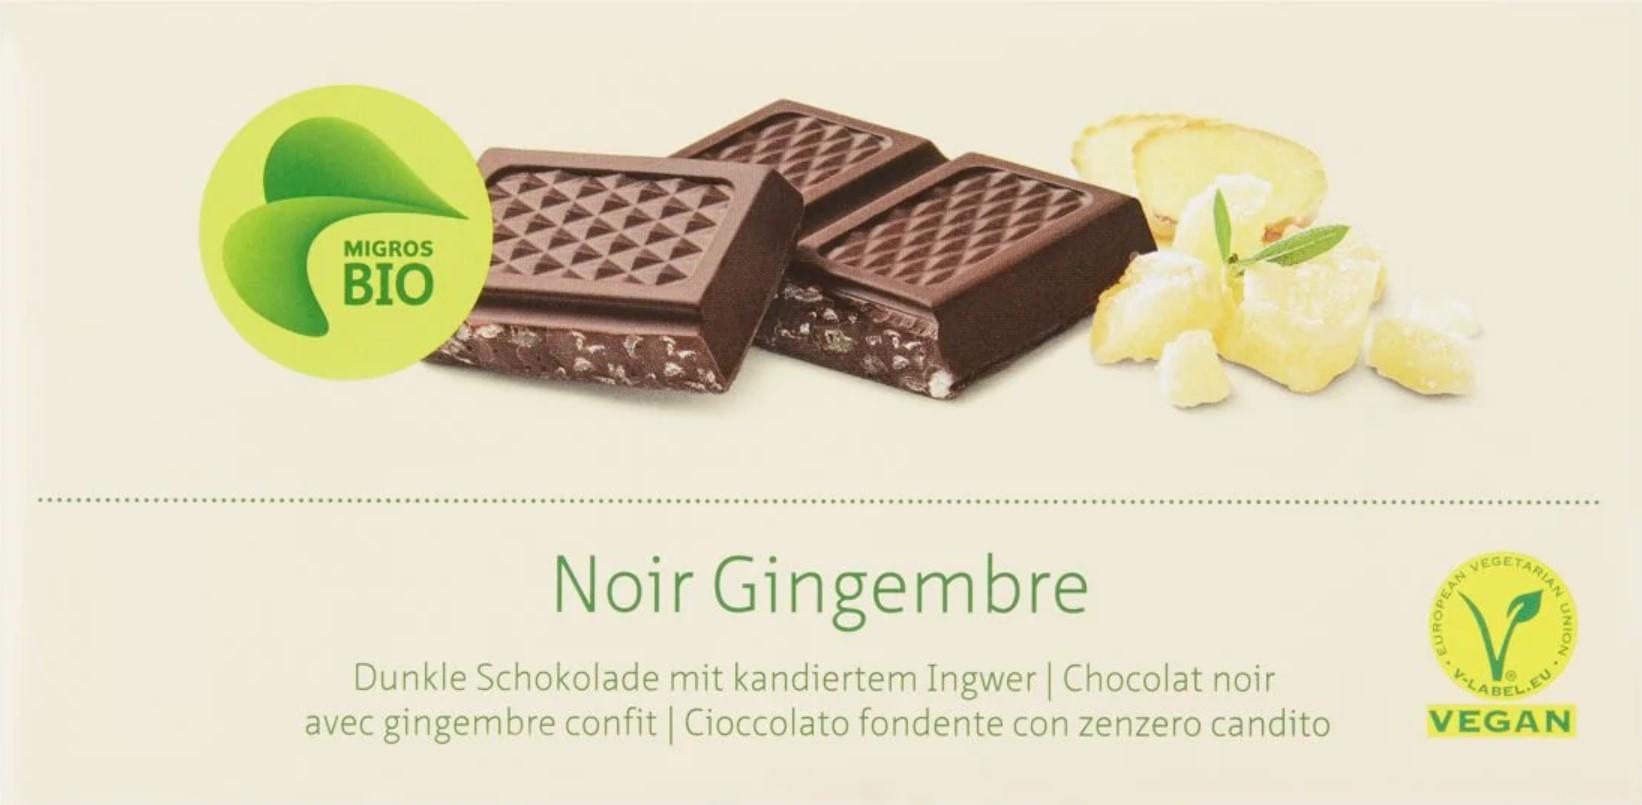 Dunkle Schokolade mit kandiertem Ingwer